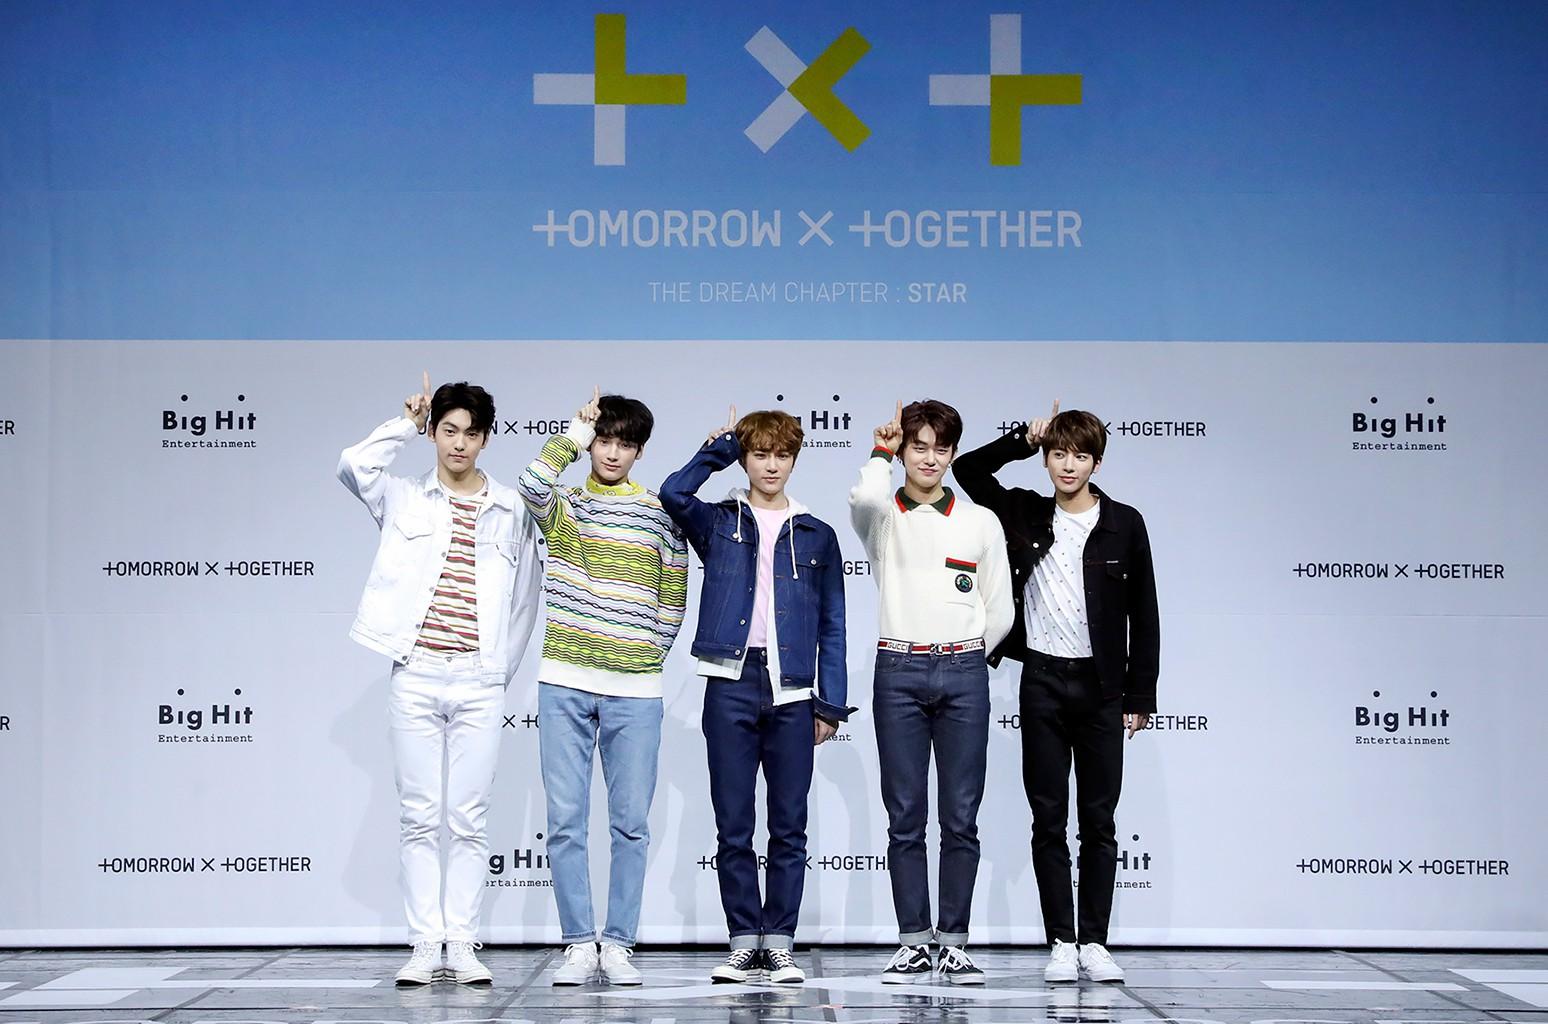 Xôn xao chuyện fan Hàn bị đuổi khỏi concert TXT tại Mỹ, Big Hit nhận loạt chỉ trích vì thiên vị fan quốc tế - Ảnh 5.